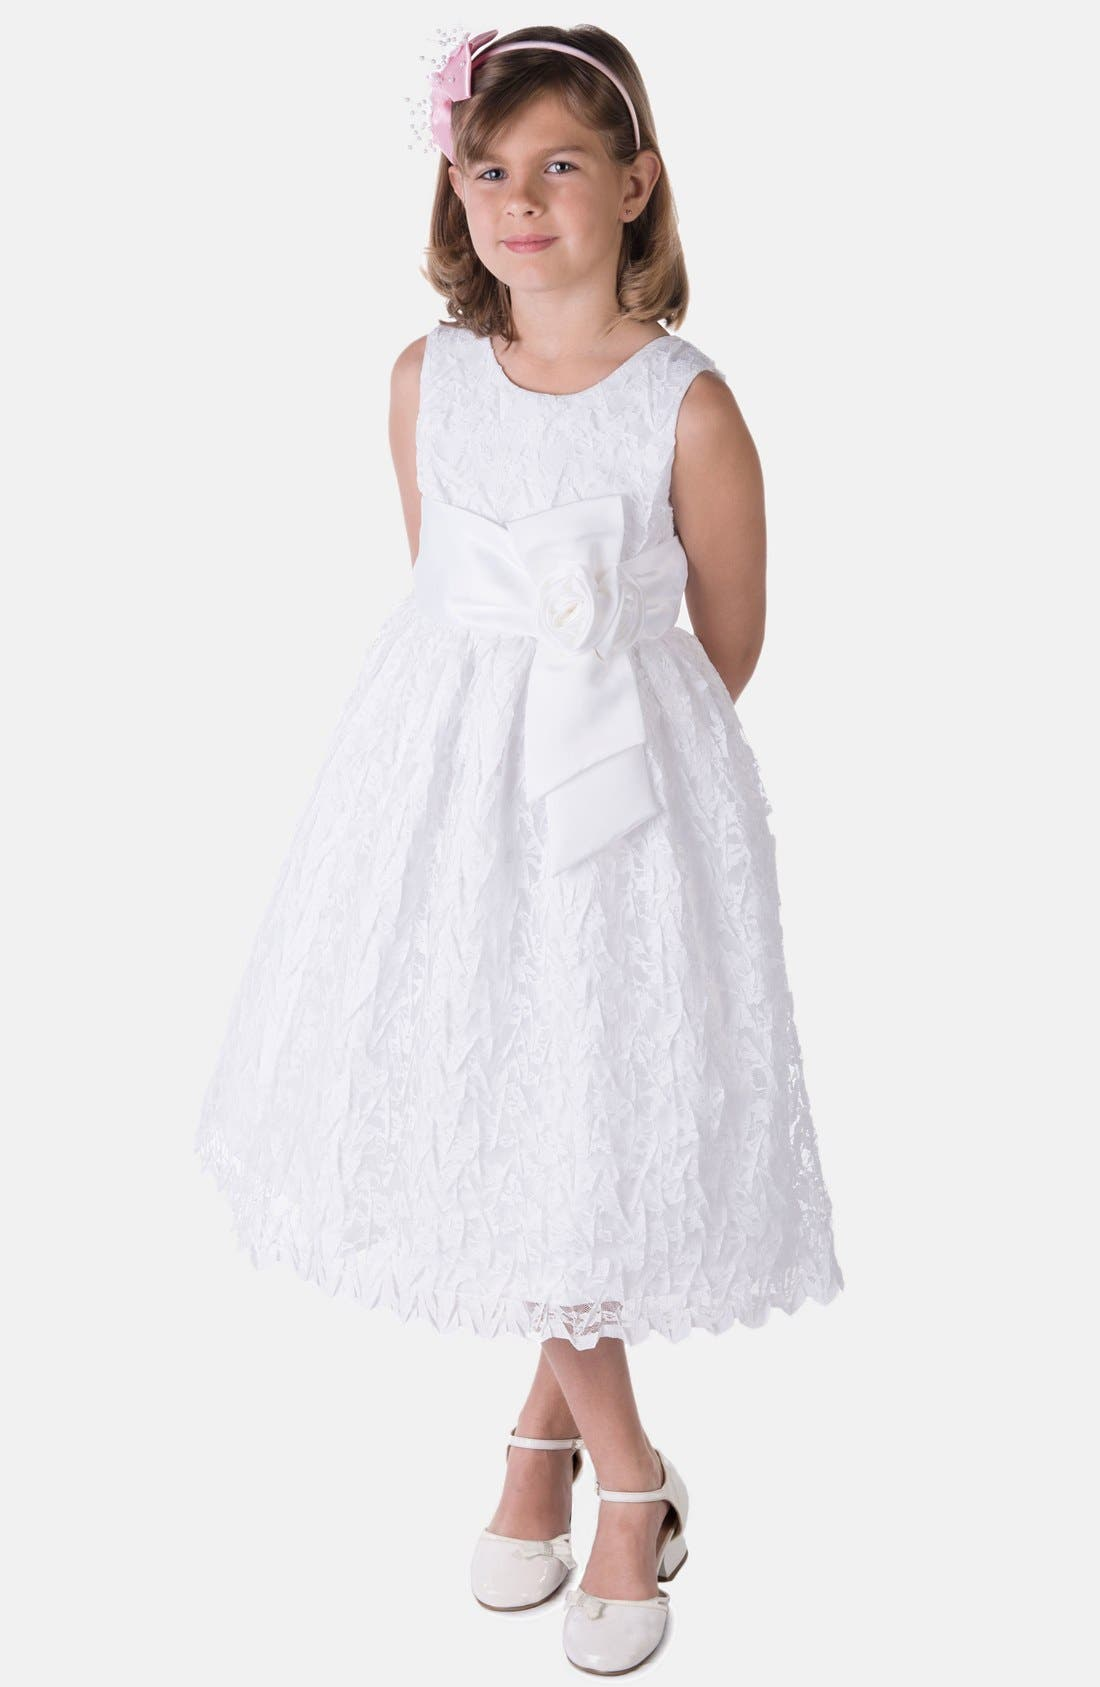 SORBET C.I. Castro & Co. Sleeveless Lace Dress